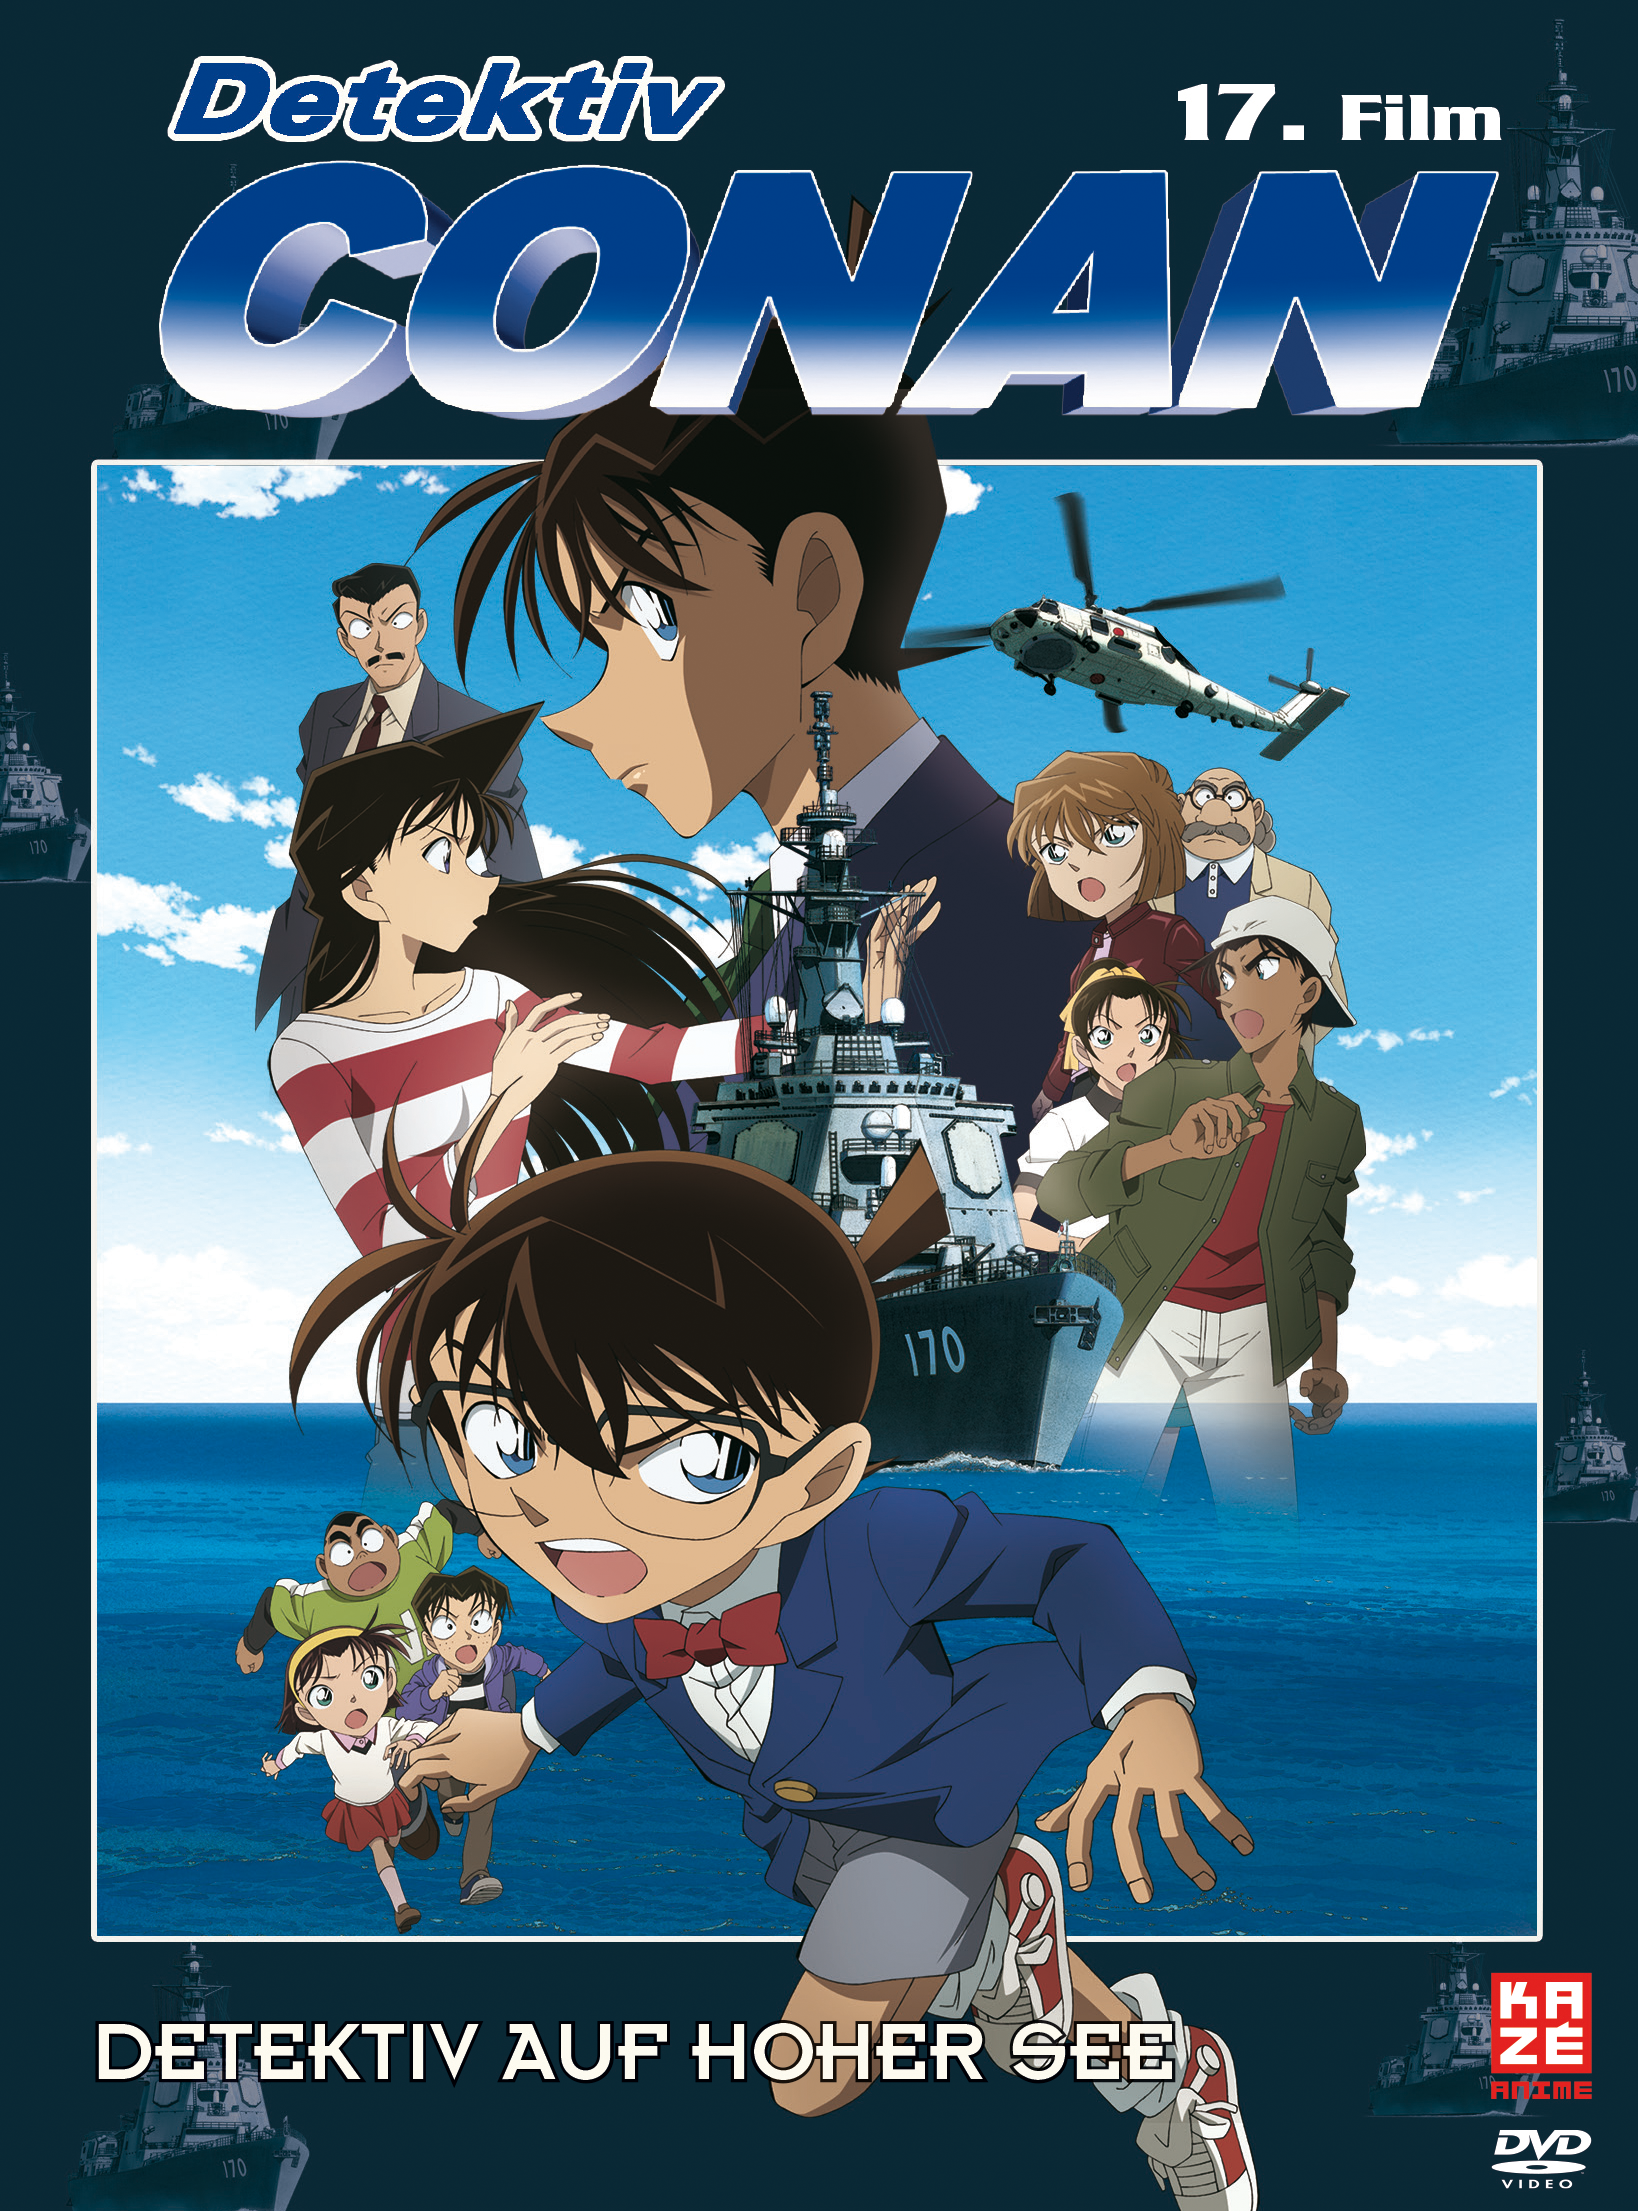 Detektiv Conan 17. Film Detektiv auf hoher See DVD